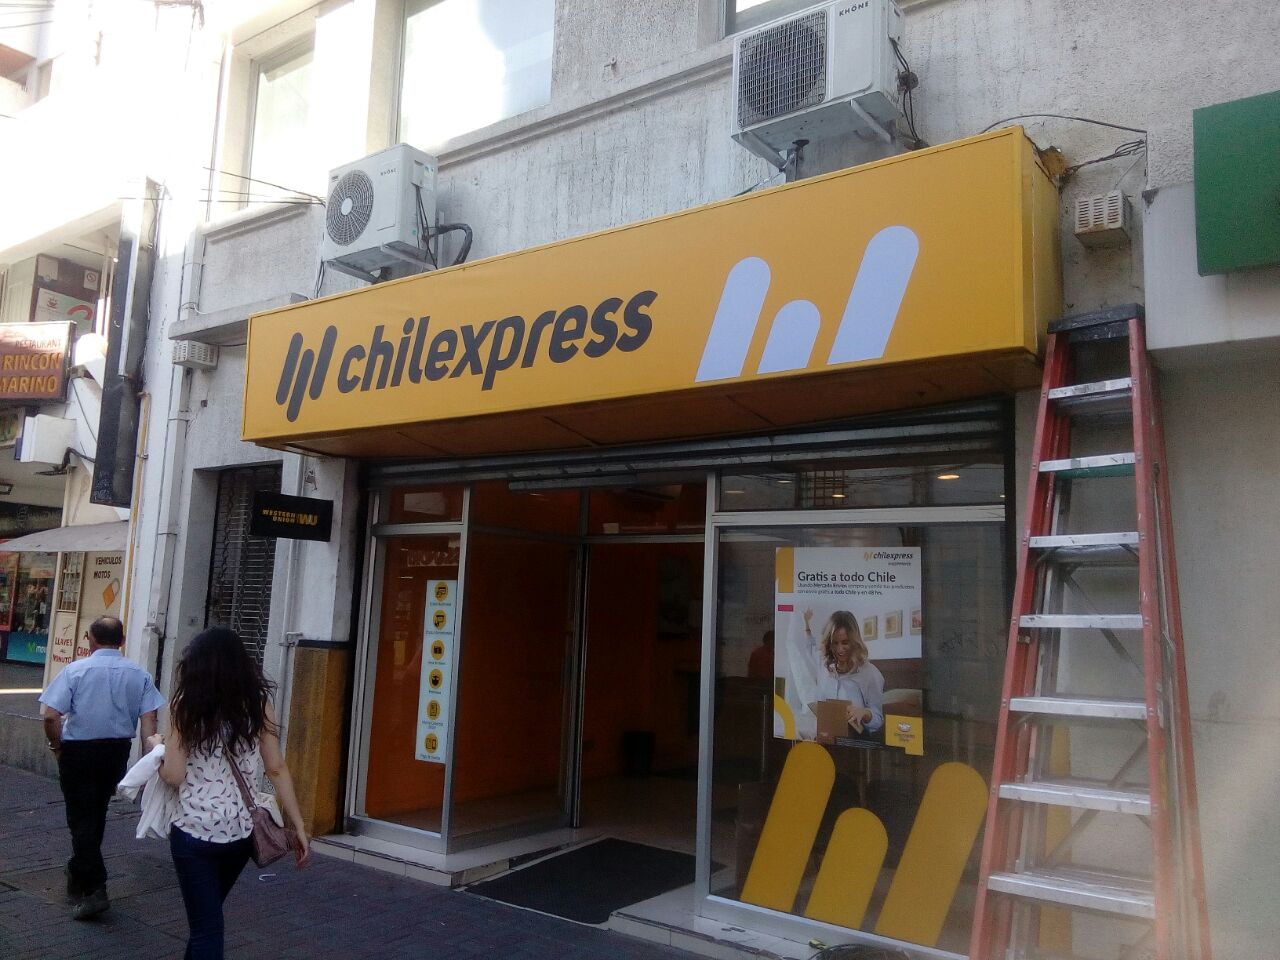 DPImpress - Letreros Concepción Chilexpress